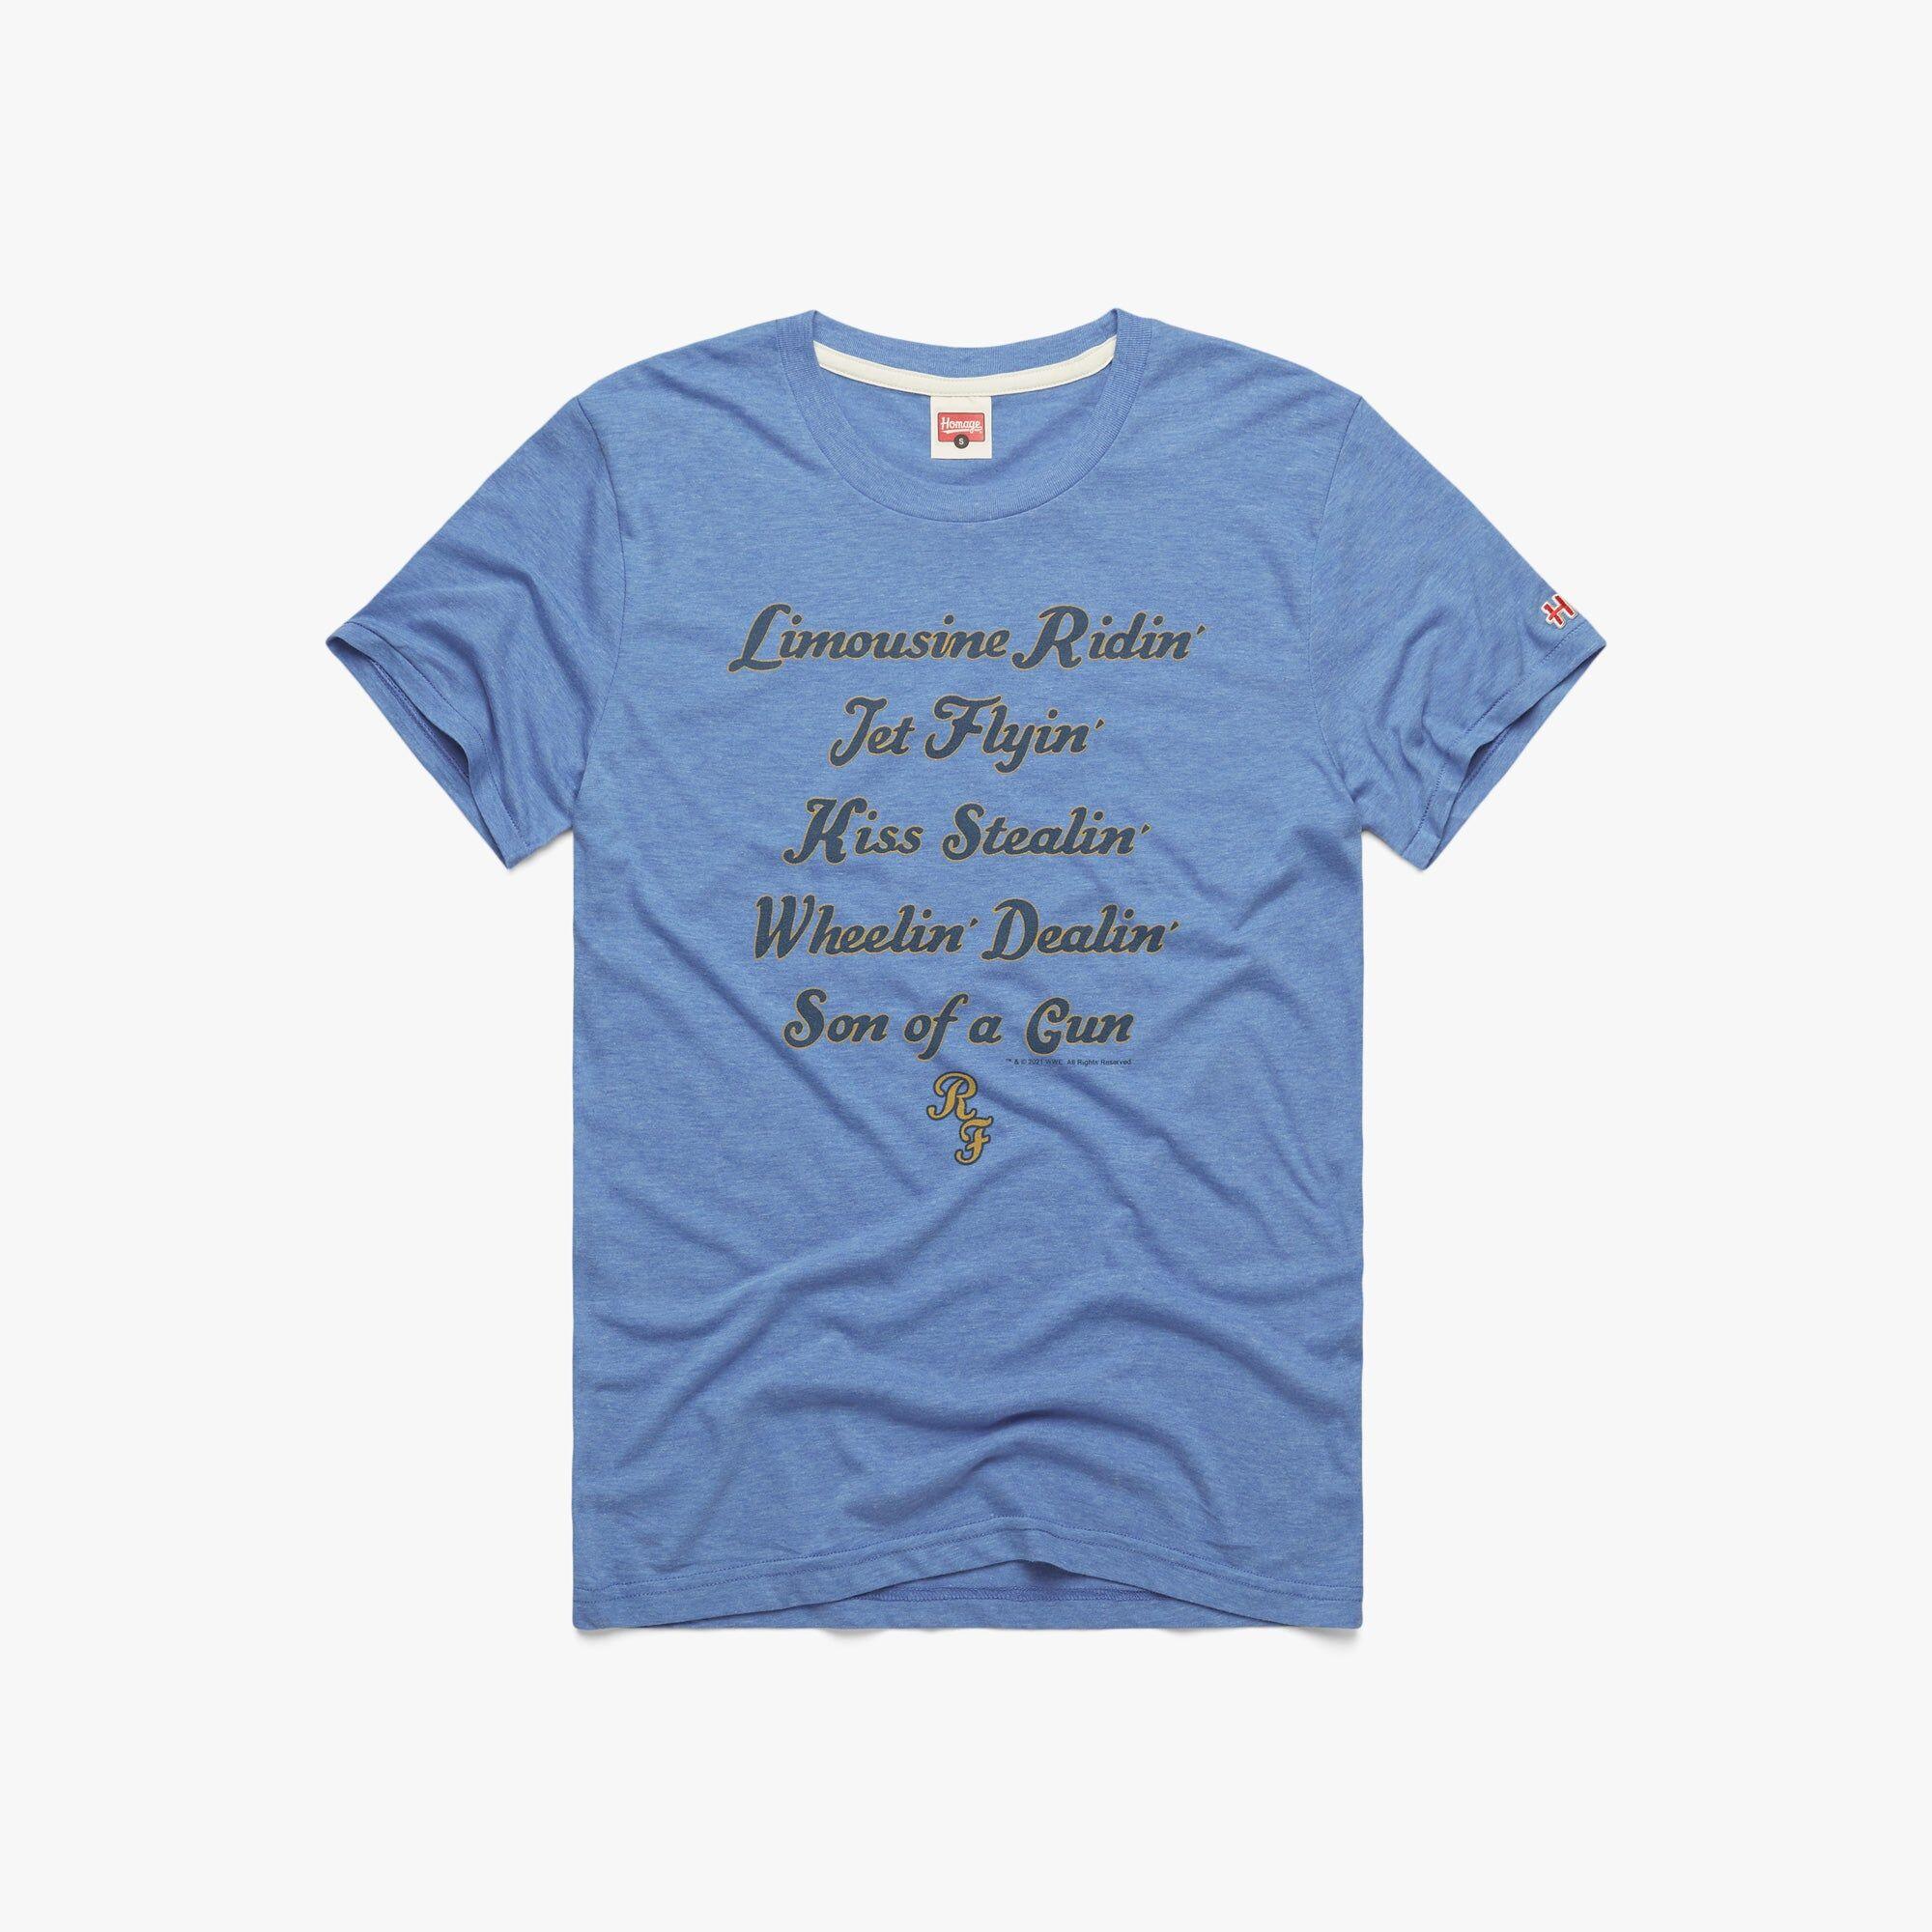 HOMAGE Wheelin Dealin Son Of A Gun in  Blue (Size: XS)